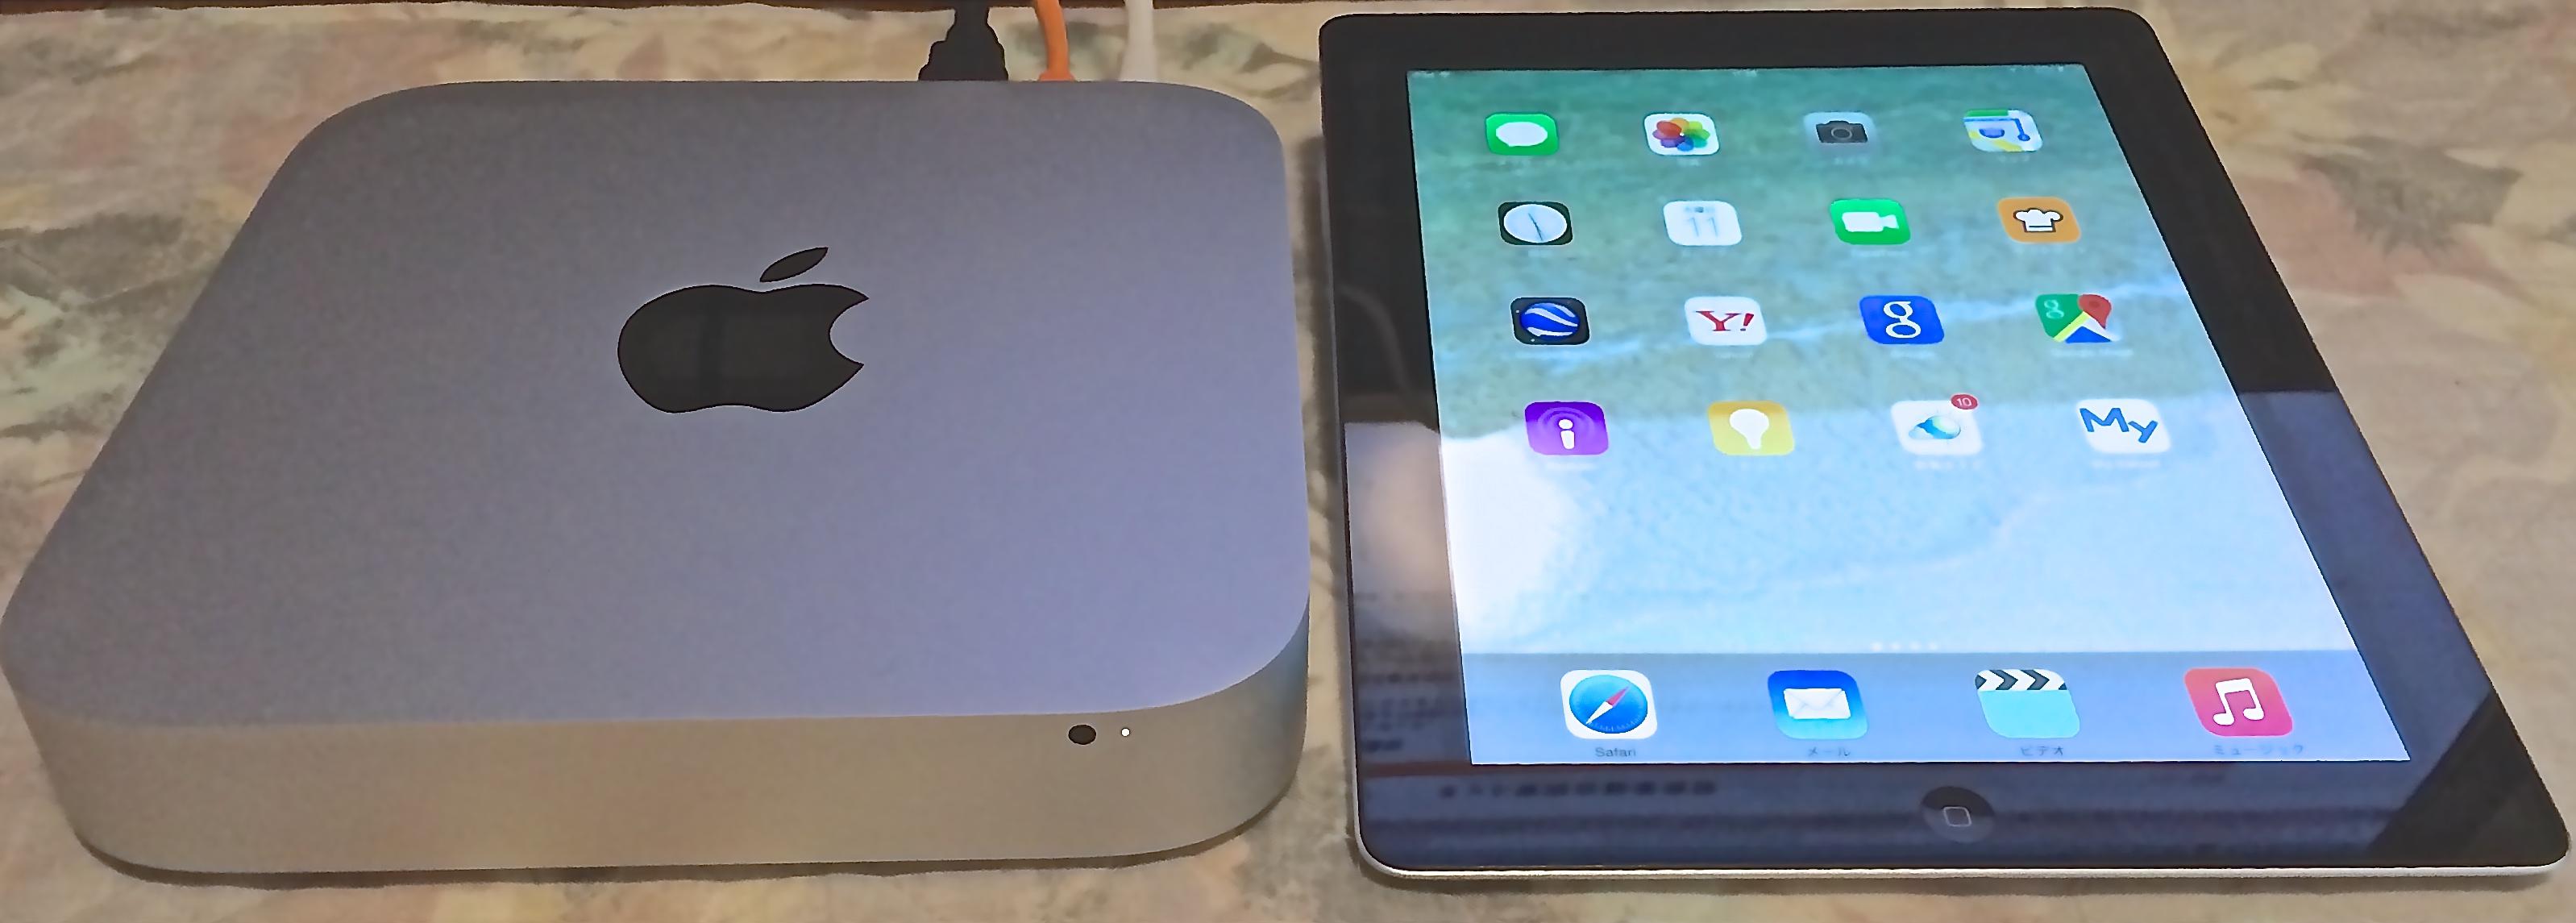 Mac mini と iPad